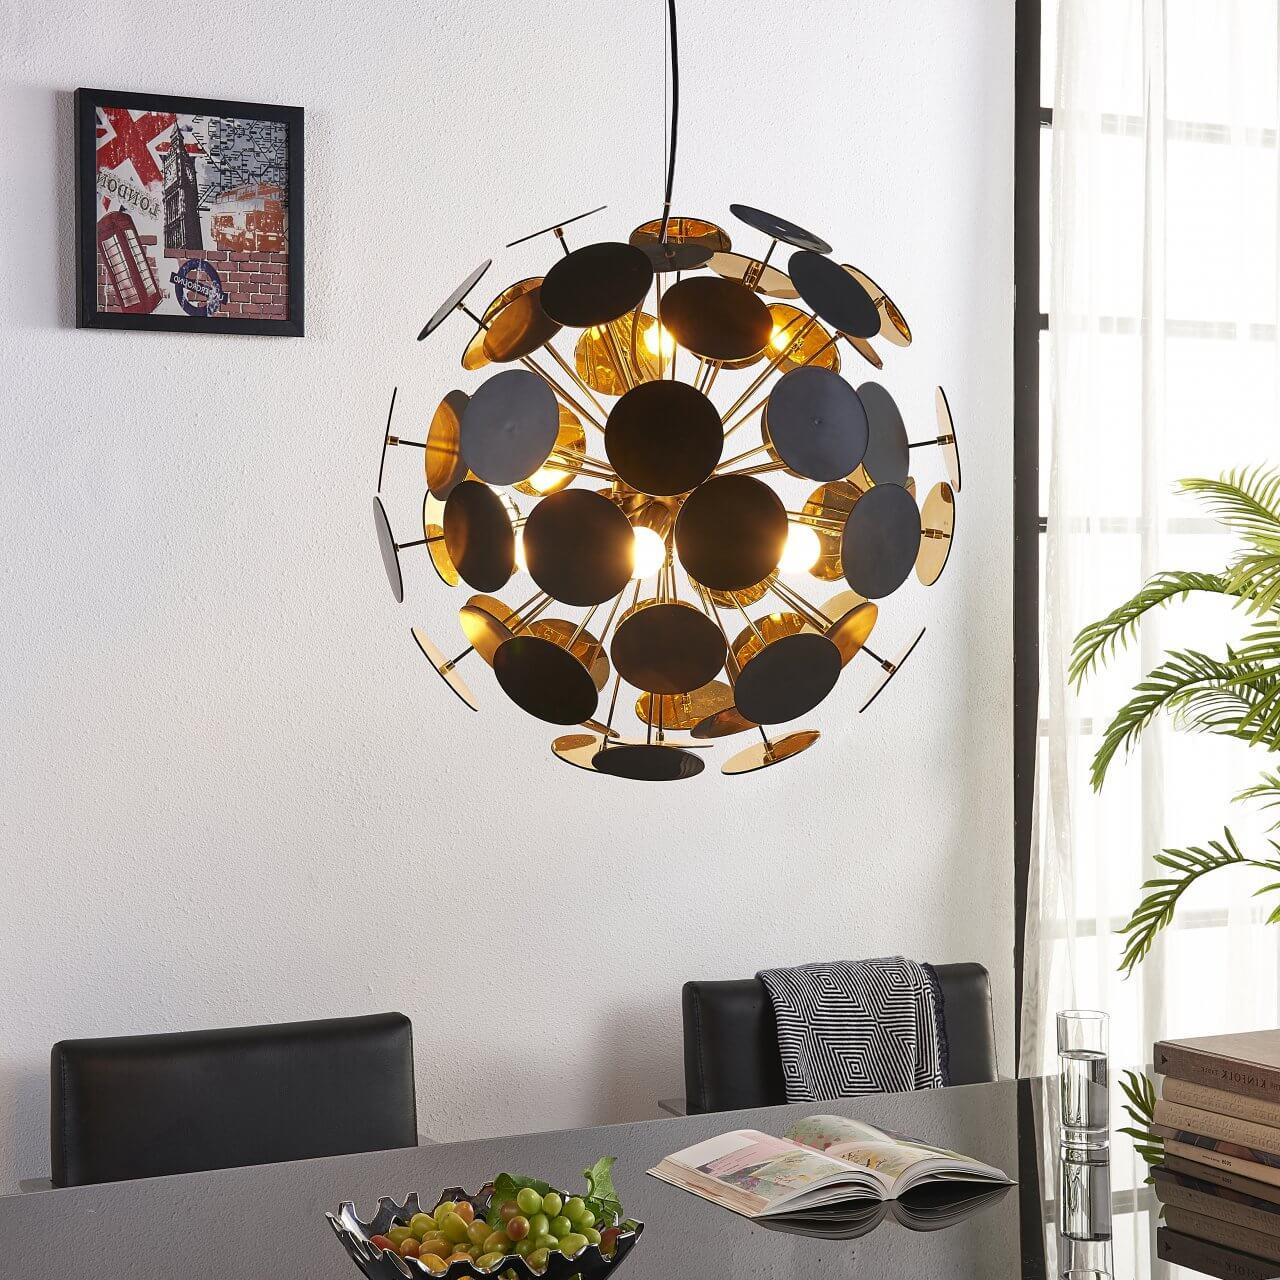 Plafondlamp met kleine stalen plaatjes